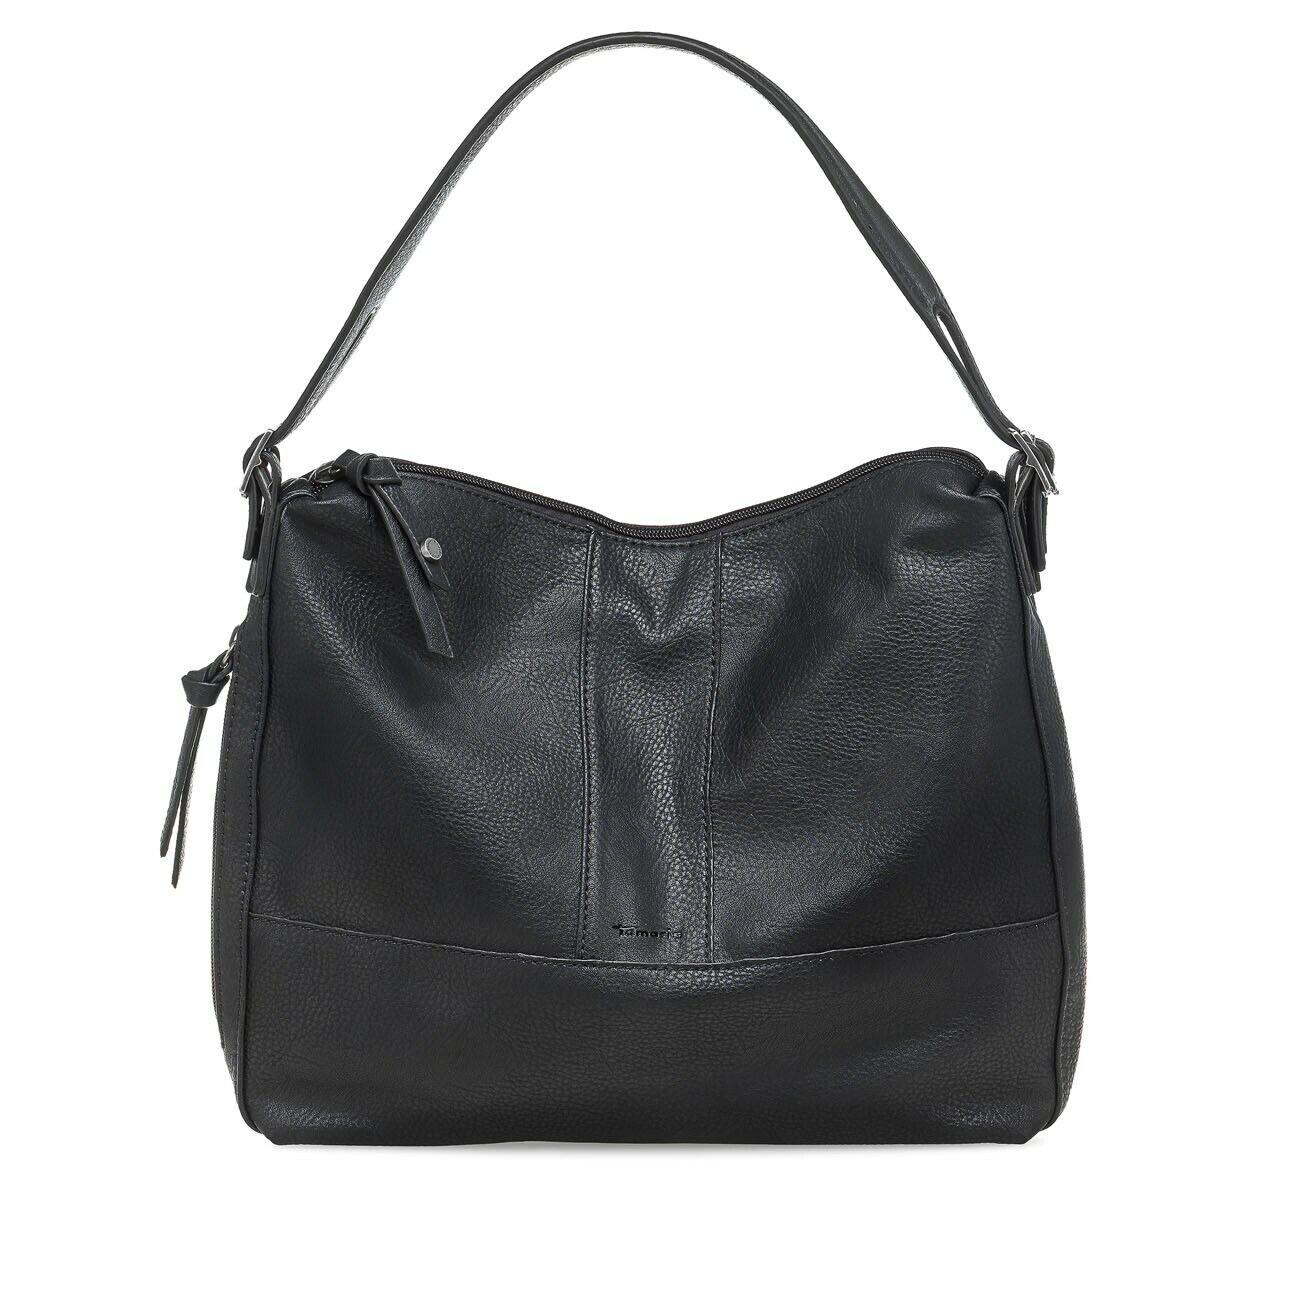 TAMARIS Damen Handtasche PHILLYS Hobo Bag Henkeltasche Tasche NEU*UVP 49,95